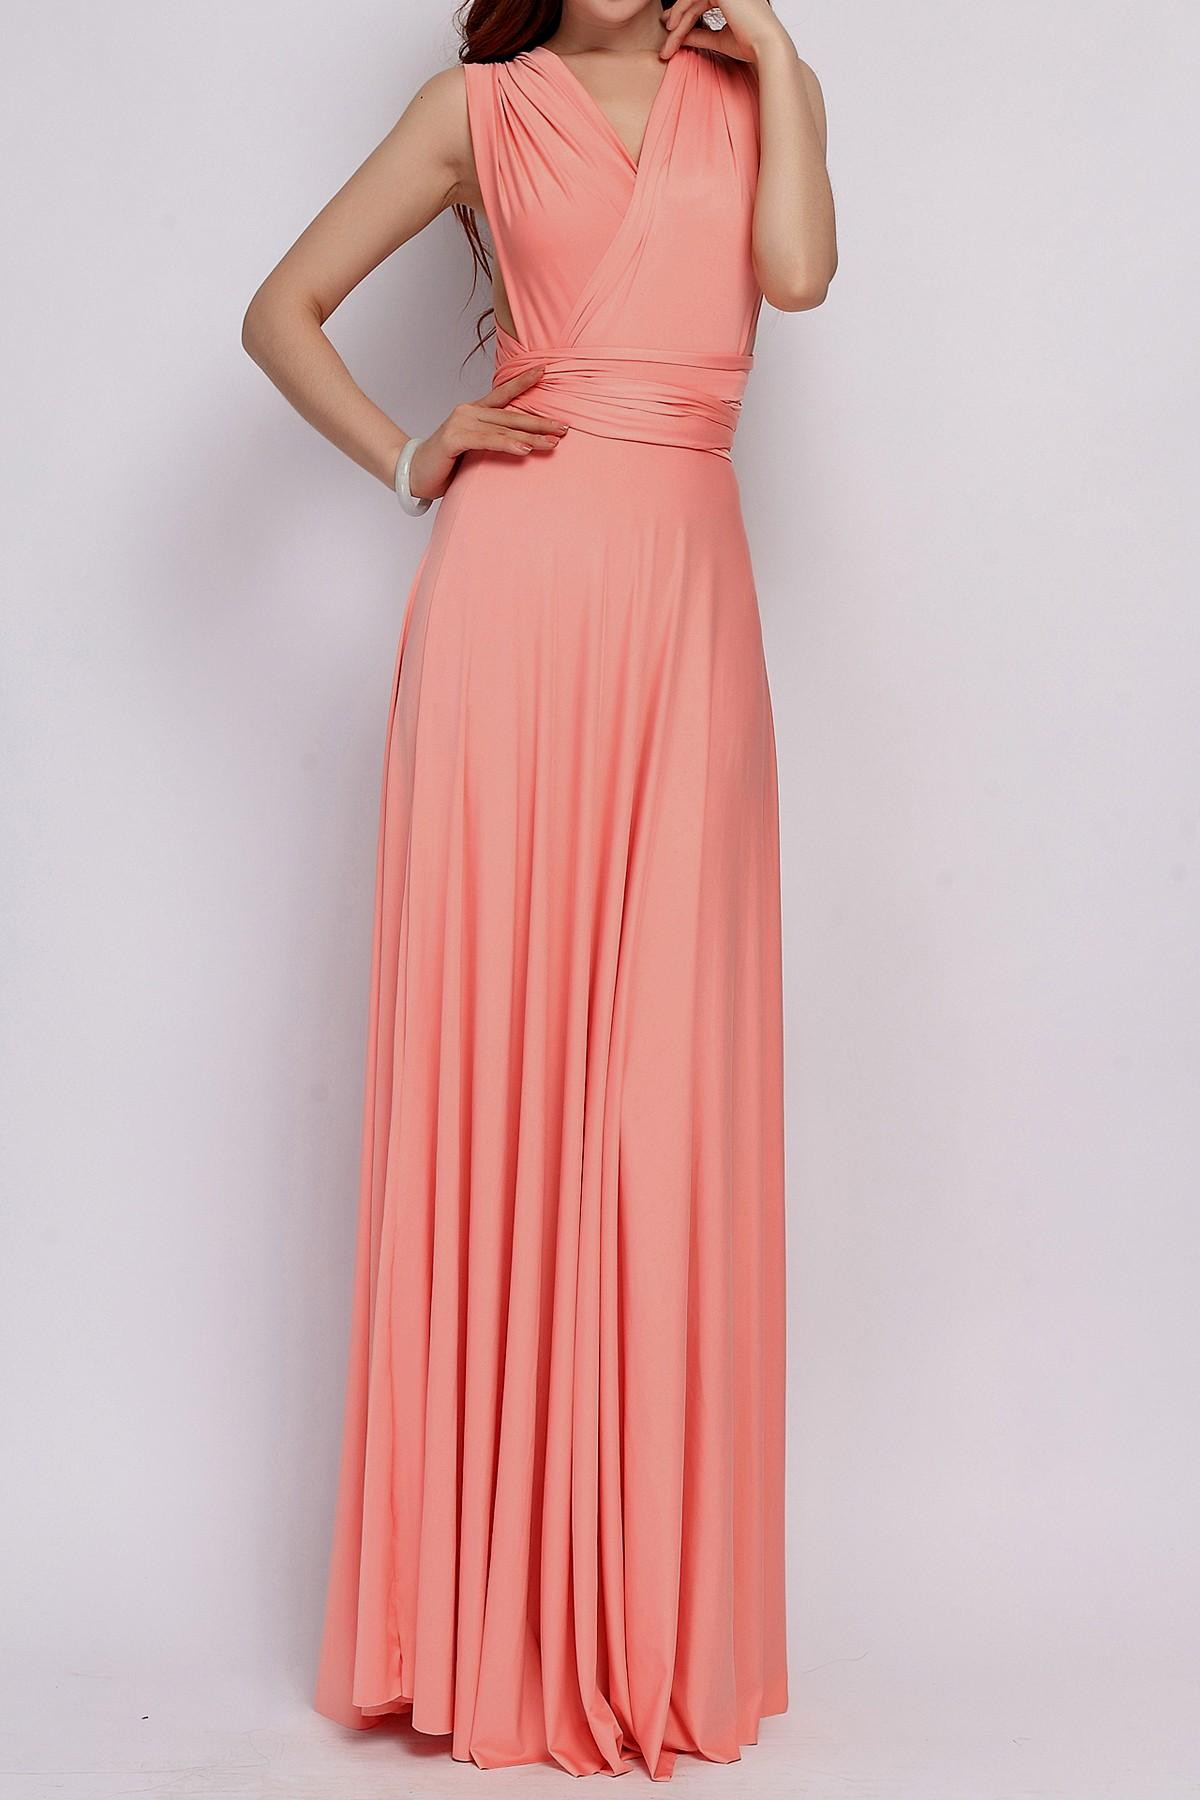 light pink casual maxi dress photo - 1